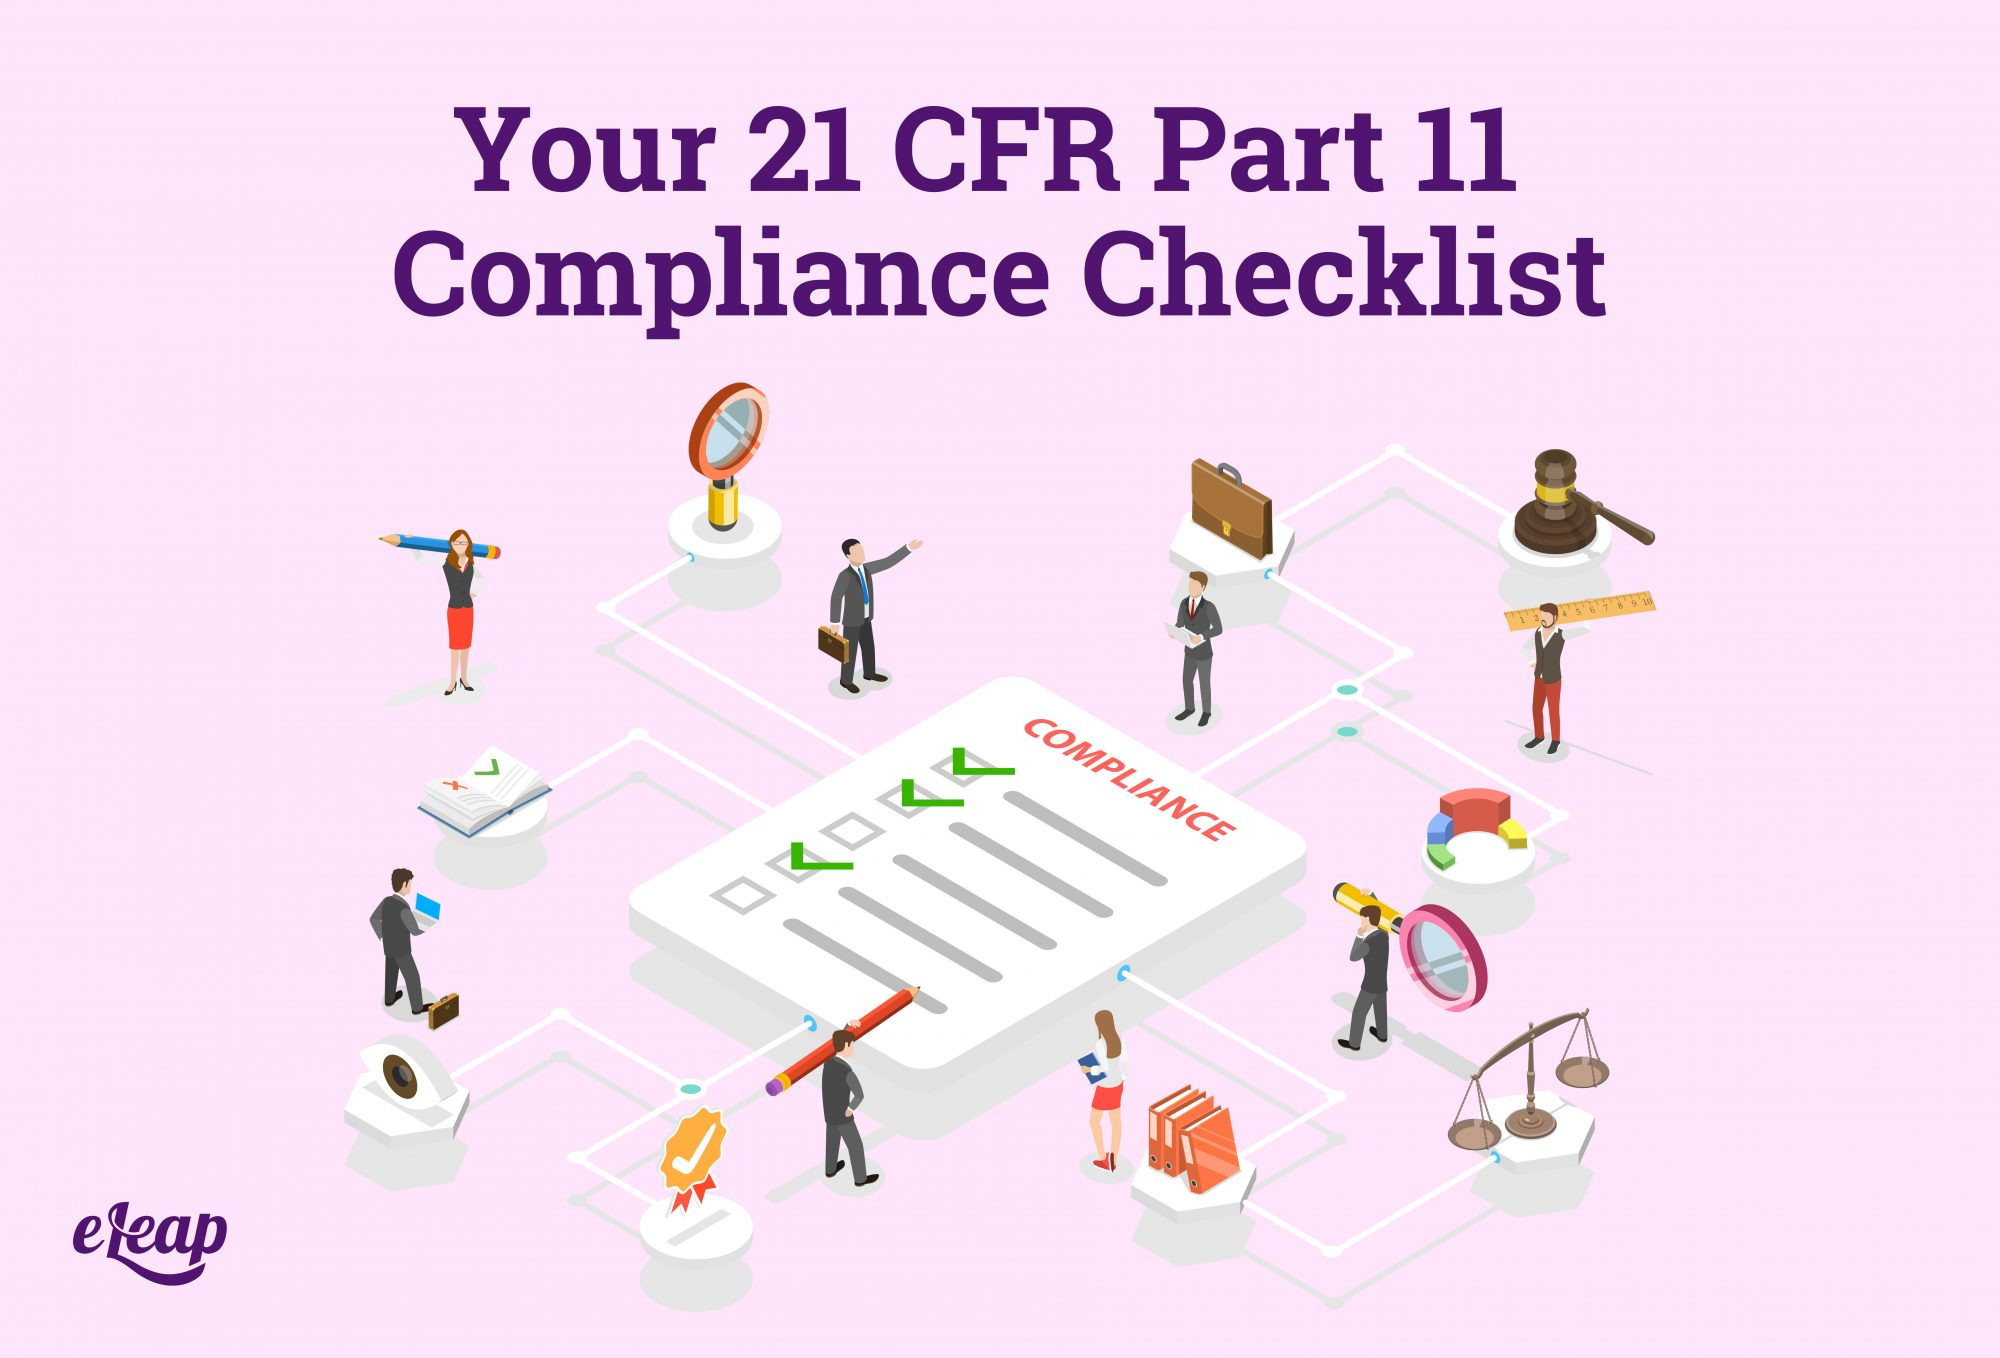 Your 21 CFR Part 11 Compliance Checklist